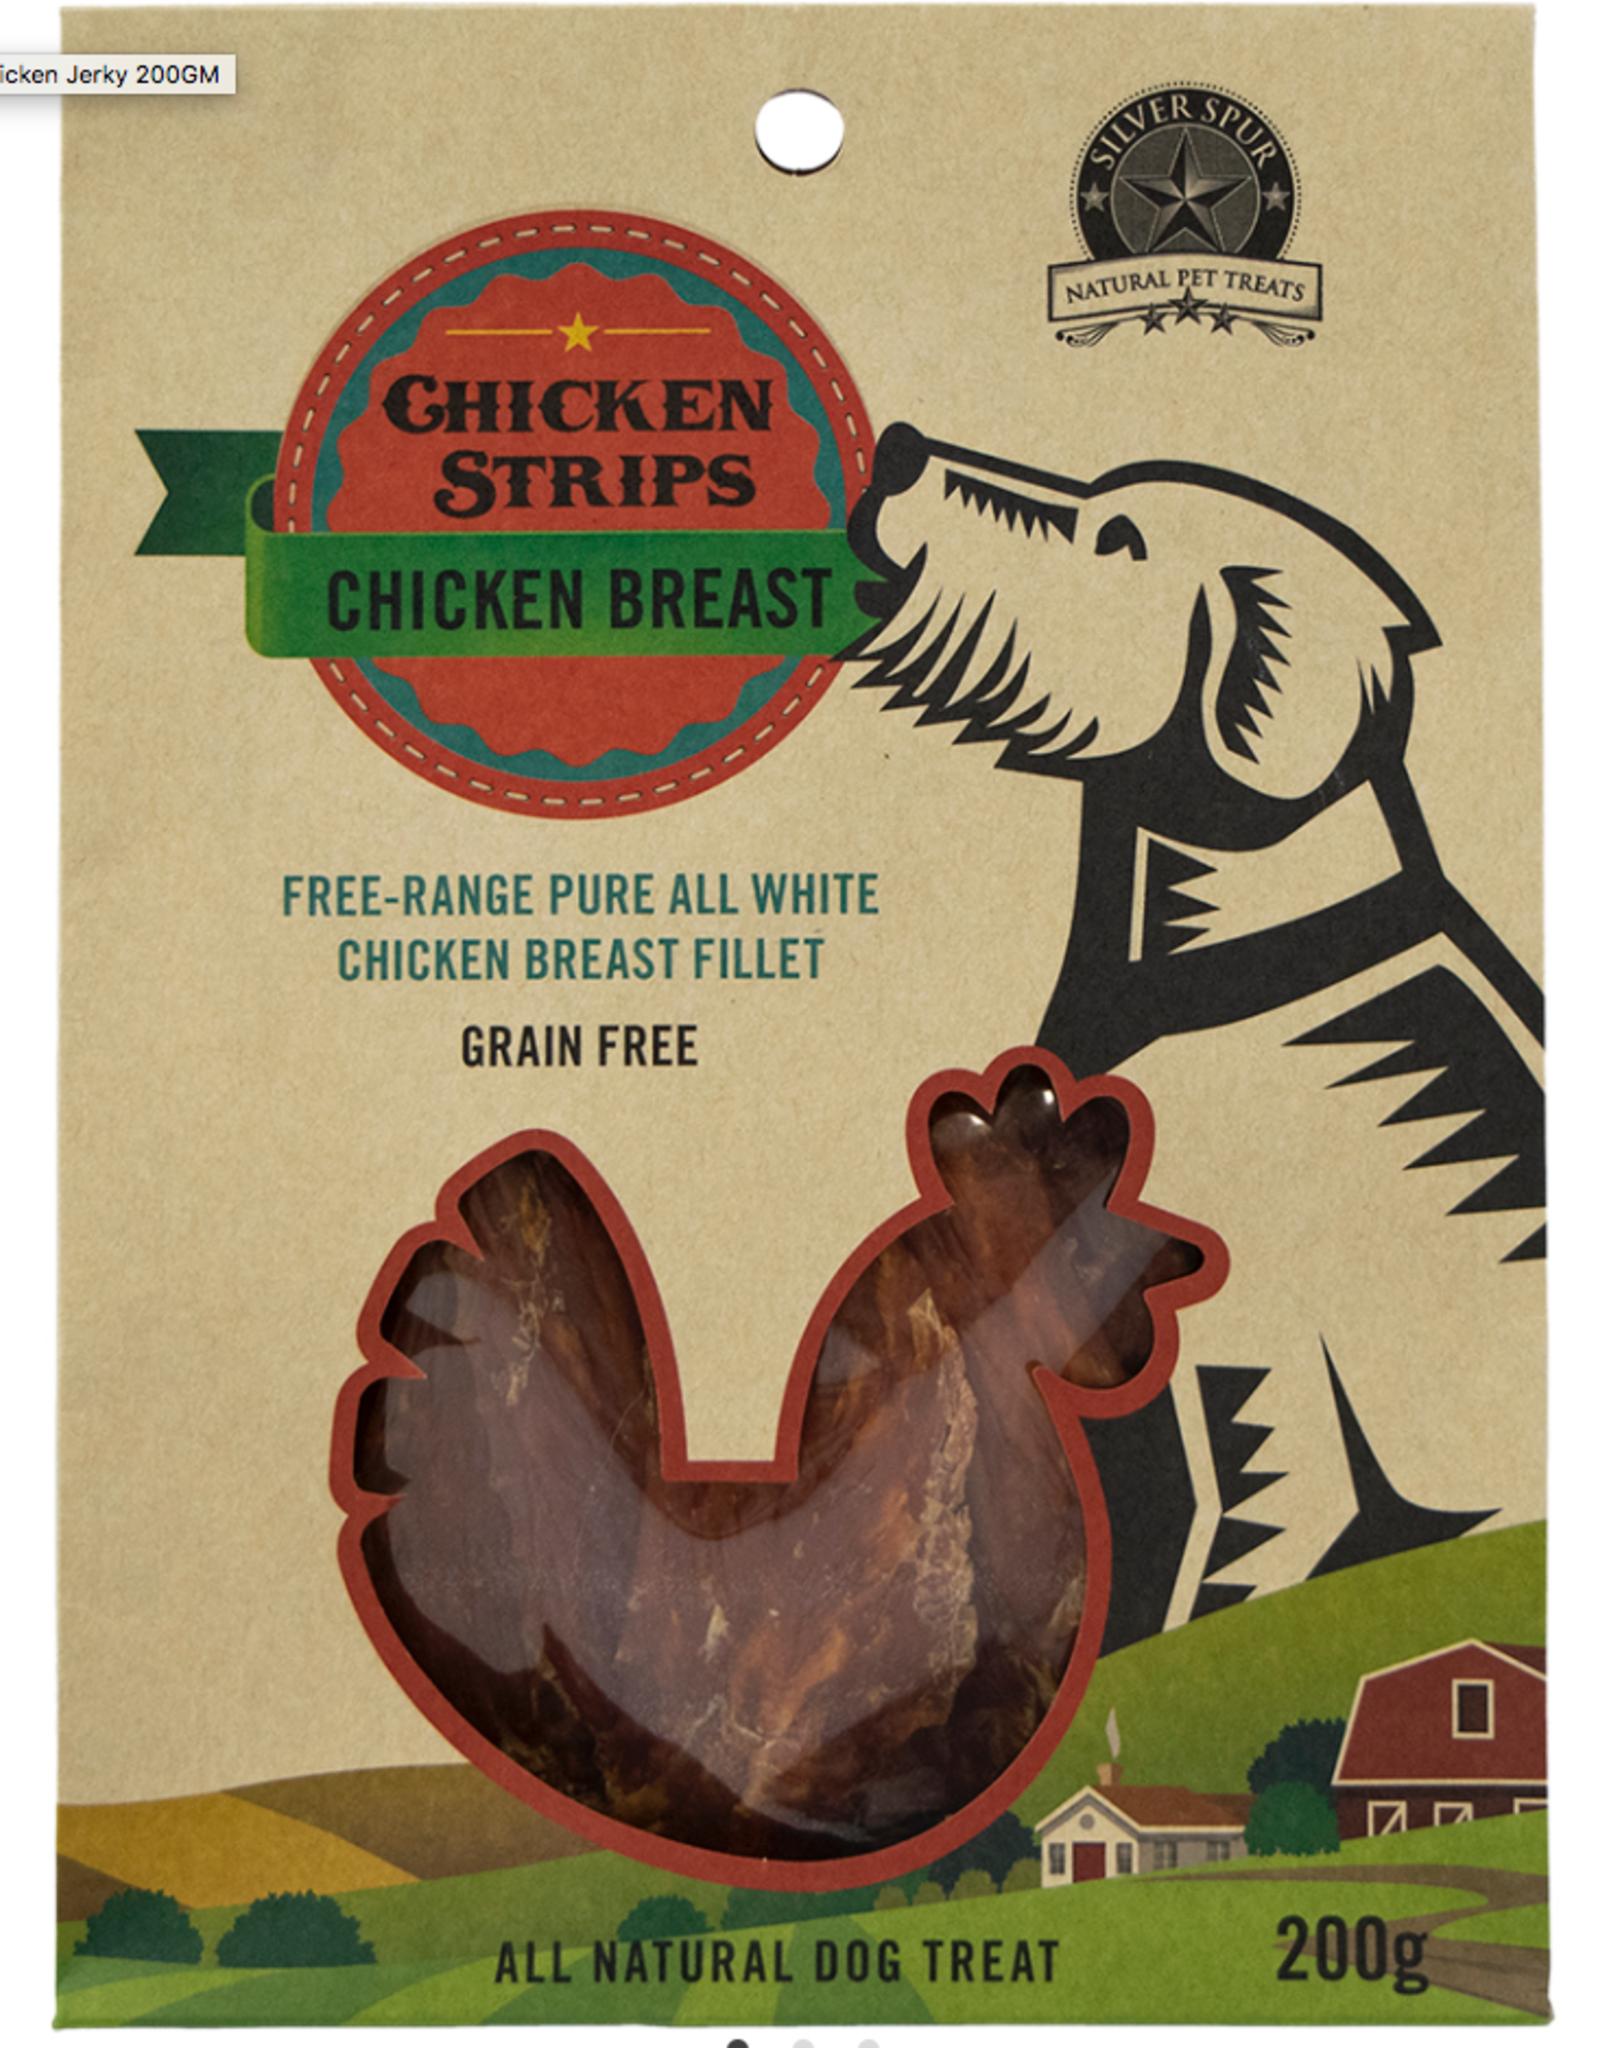 Silver Spur Chicken Strips Chicken Beast